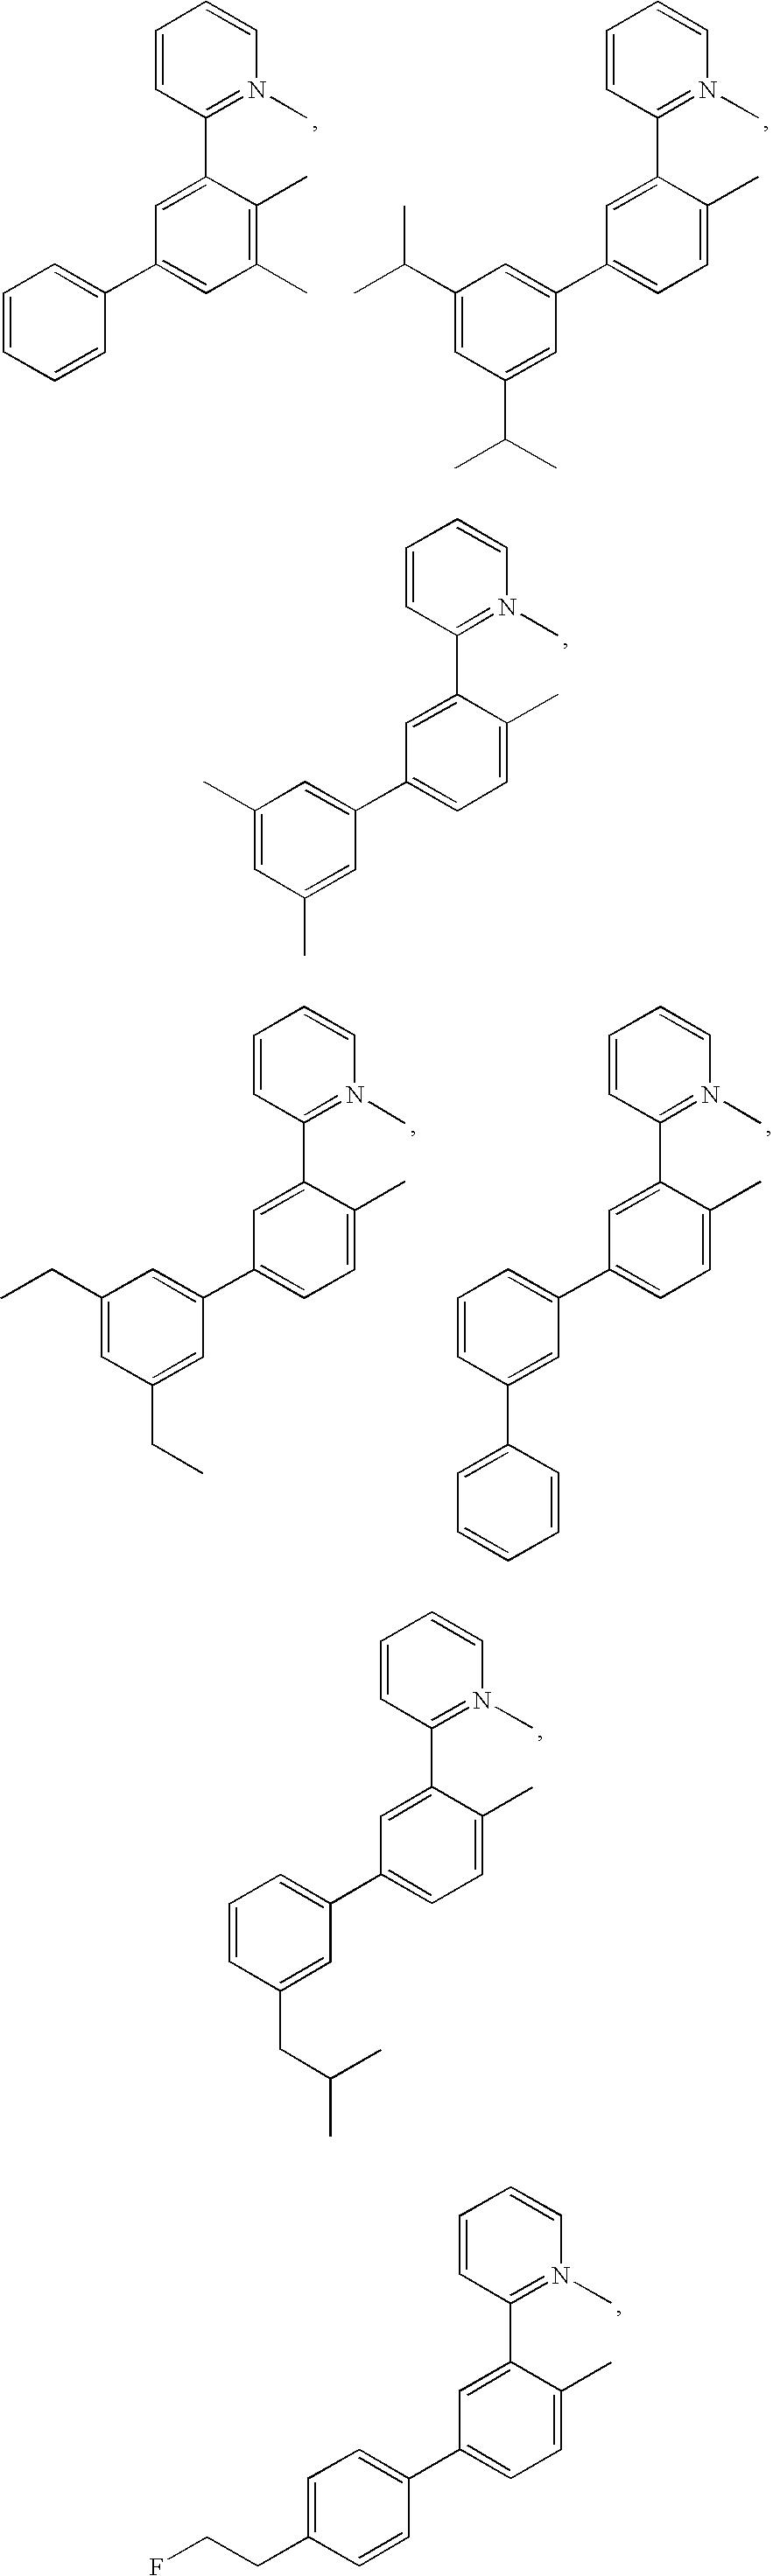 Figure US20090108737A1-20090430-C00036